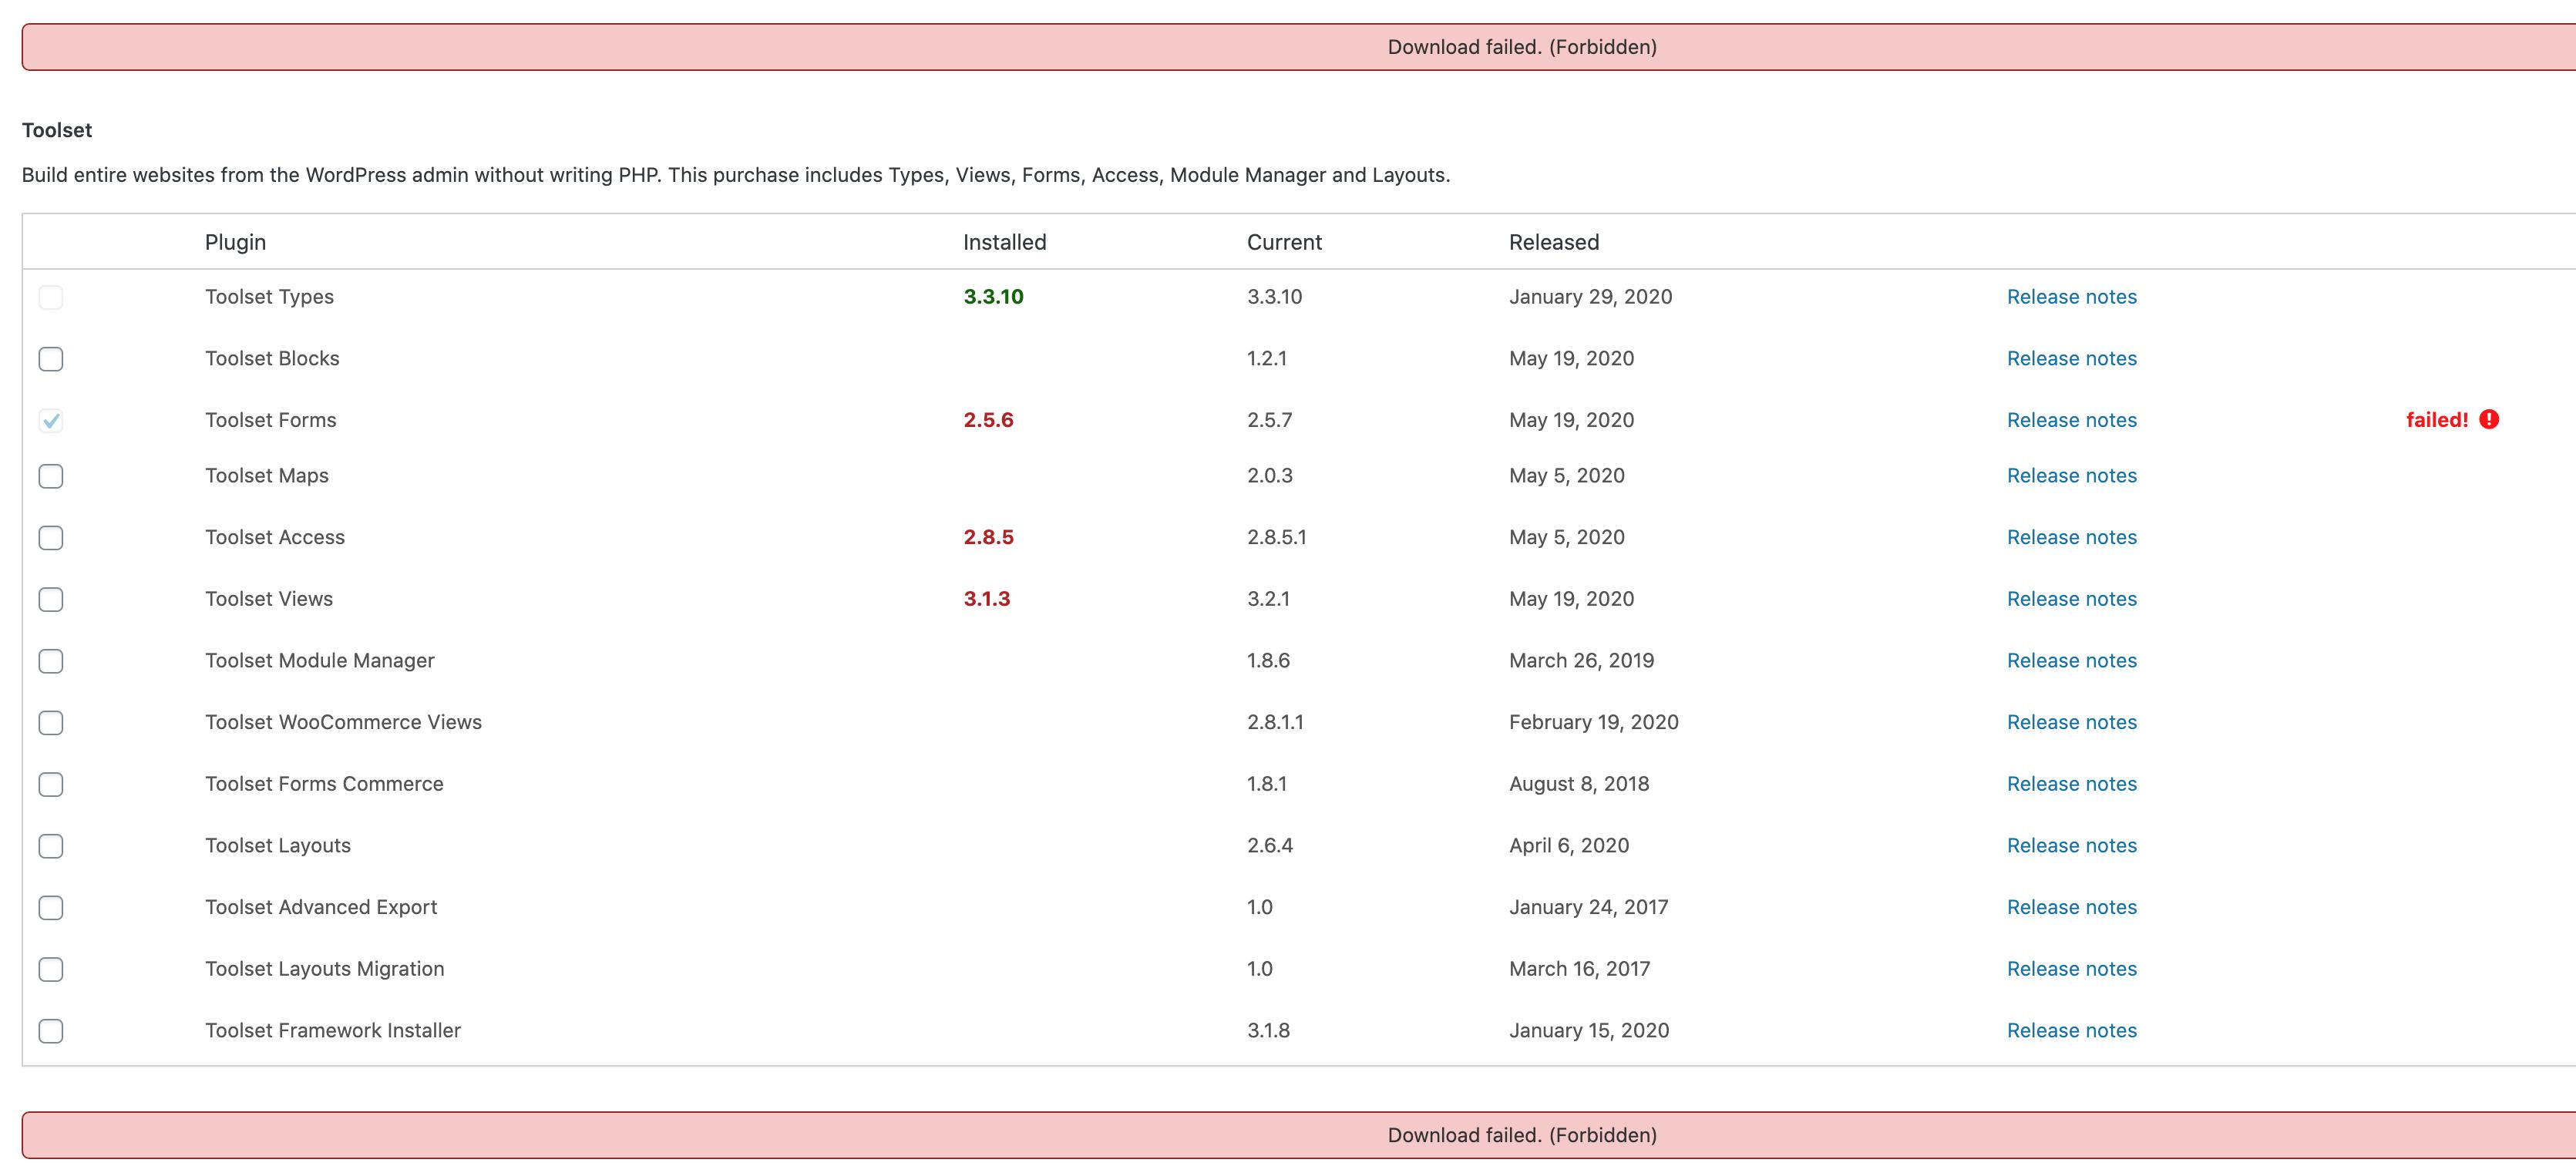 Screenshot 2020-06-04 at 15.47.34.png